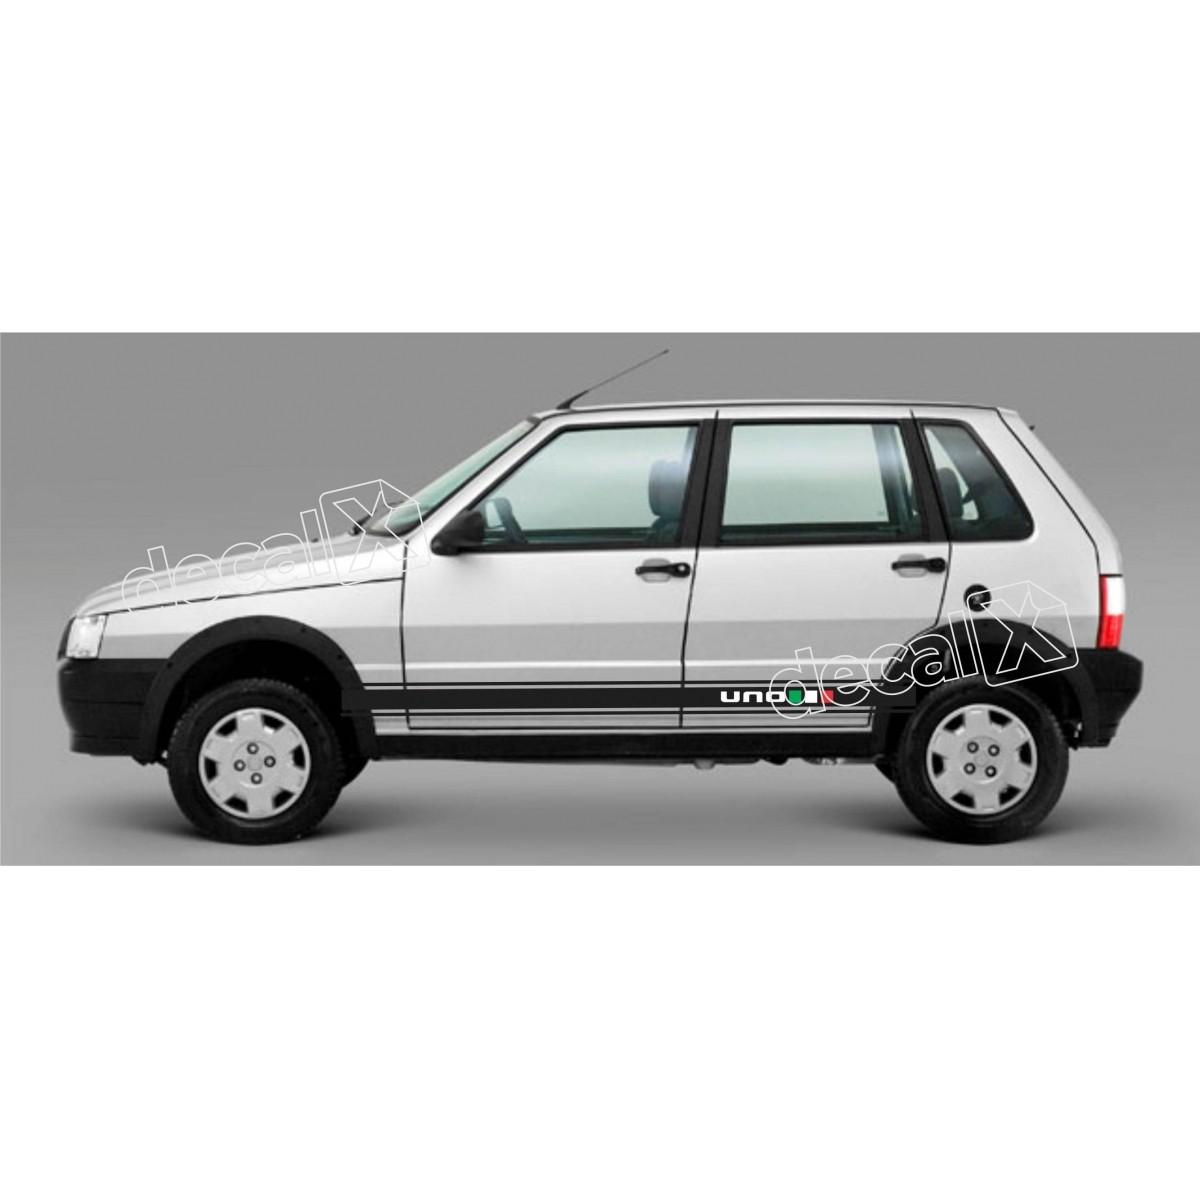 Adesivo Faixa Lateral Fiat Uno Unod7